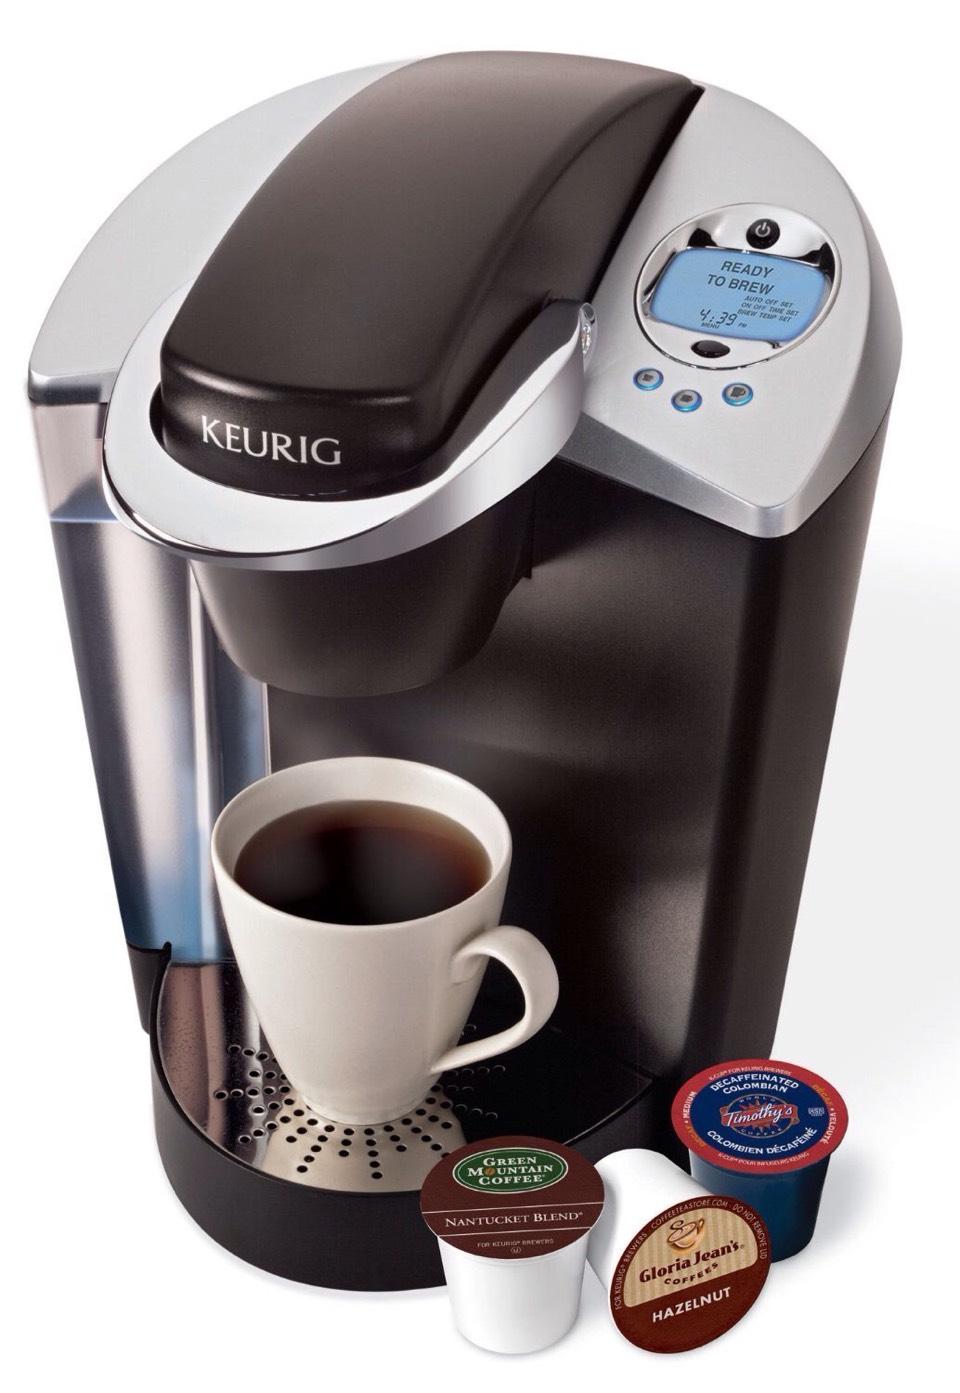 Kureg machine for good cups of coffee